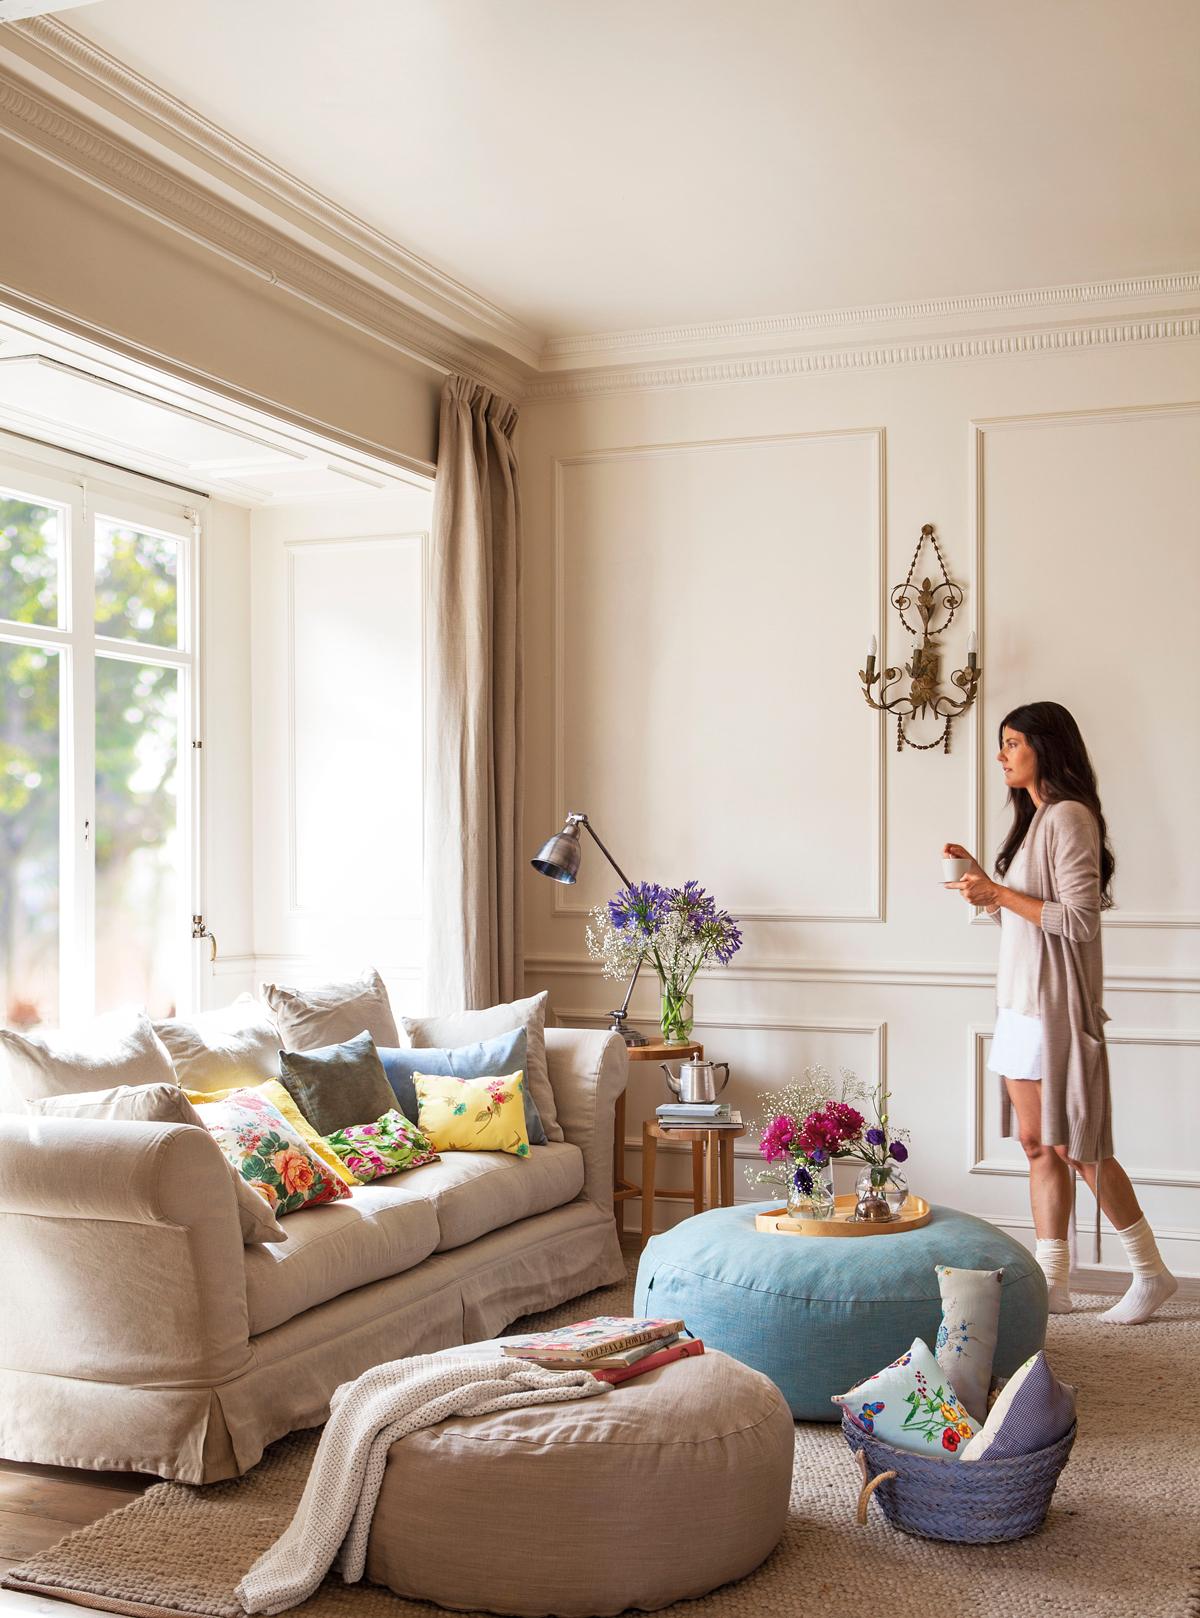 Salón con sofá y pufs, y chica bebiendo té (00368606)